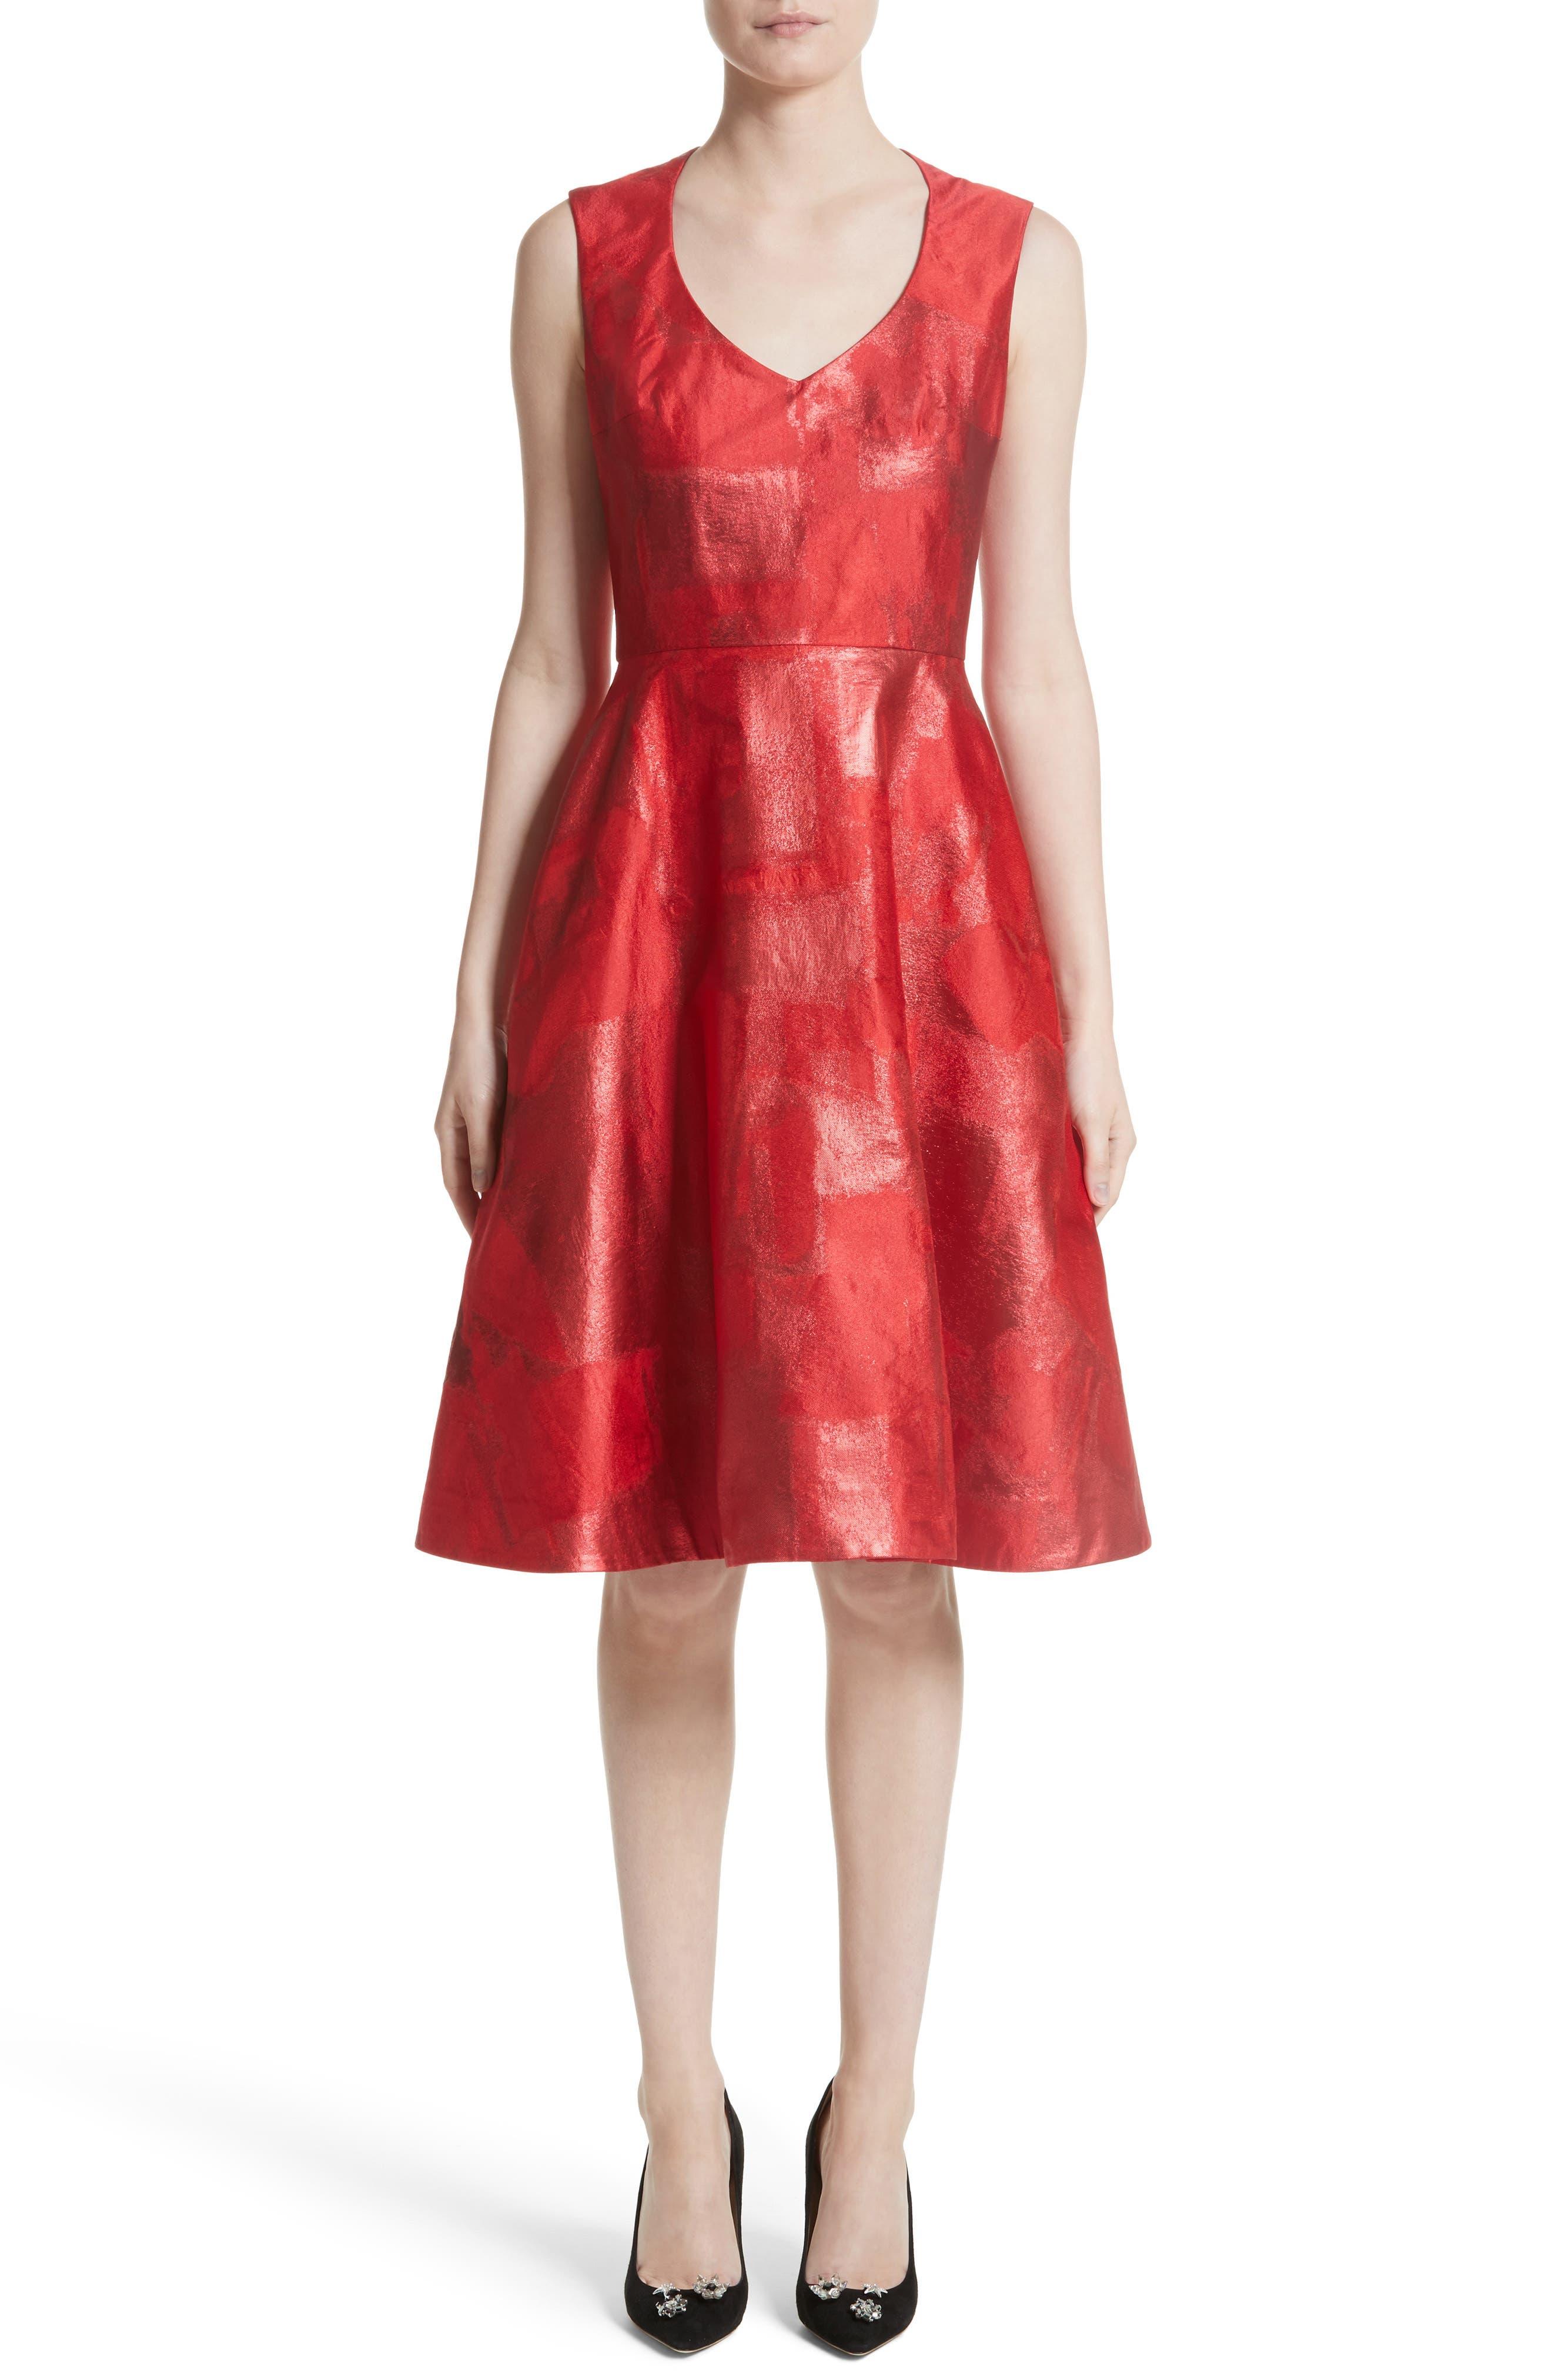 RUBIN SINGER Metallic Jacquard Party Dress